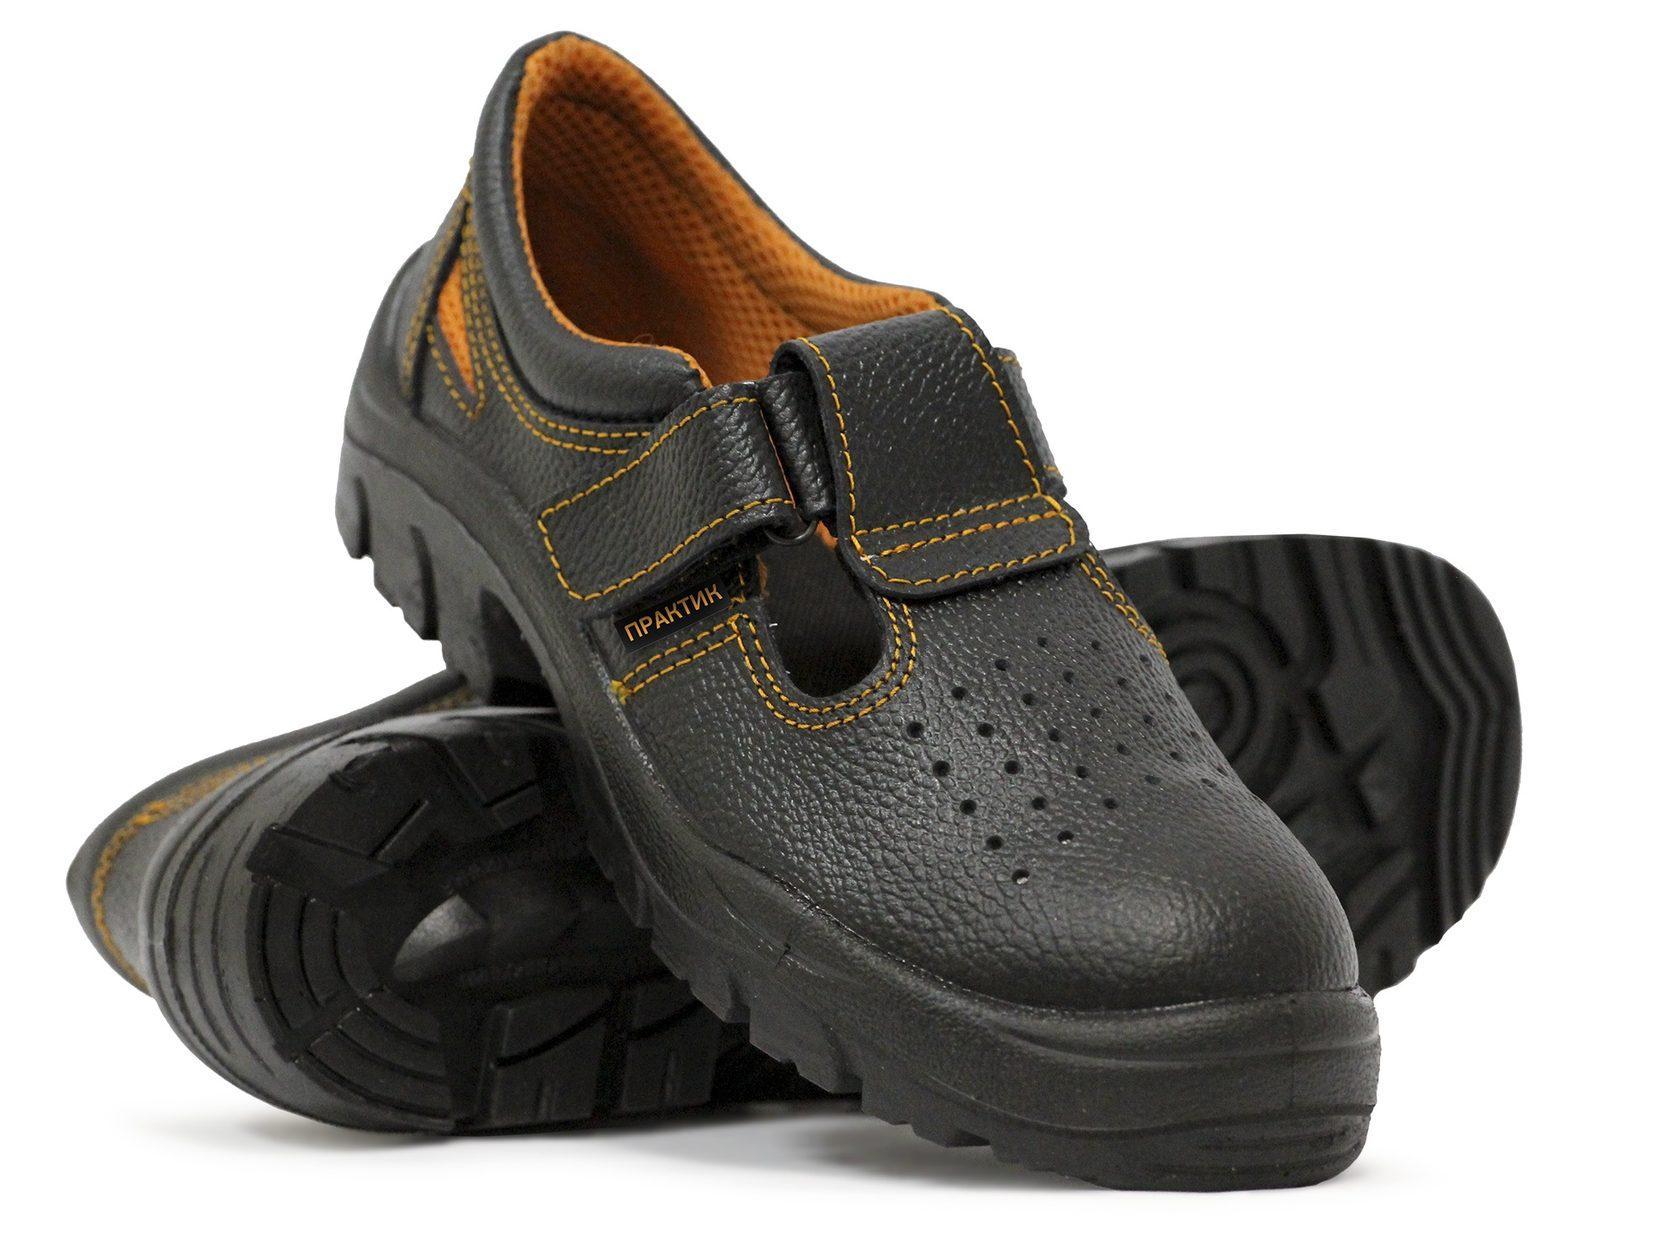 ботинки практик купить казань дешево ботинки рабочие спецодежда сандали